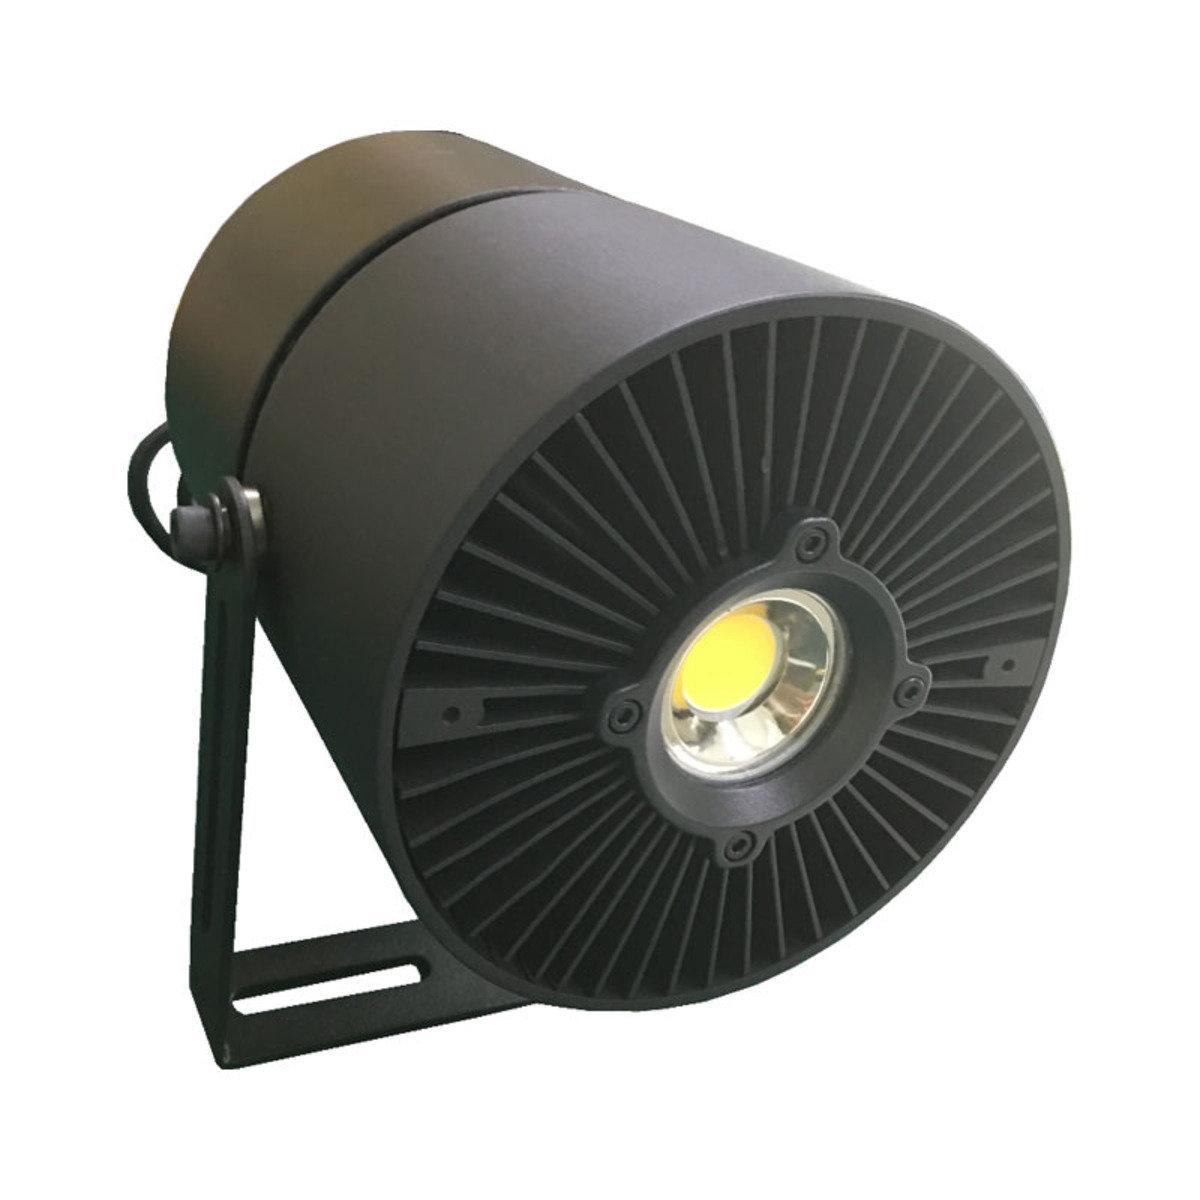 120w 1.2萬流明 3000K色溫 黃光 IP68防水戶外 LED泛光燈 ODY120